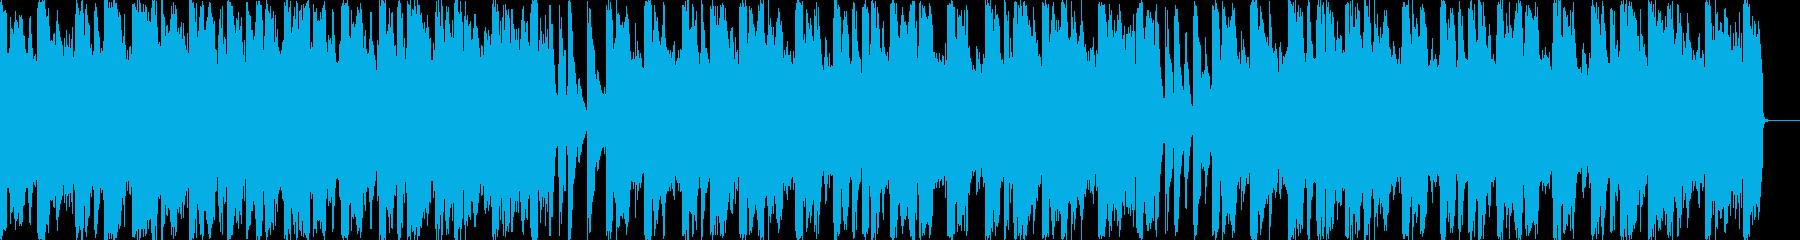 ロック アクション バックグラウン...の再生済みの波形